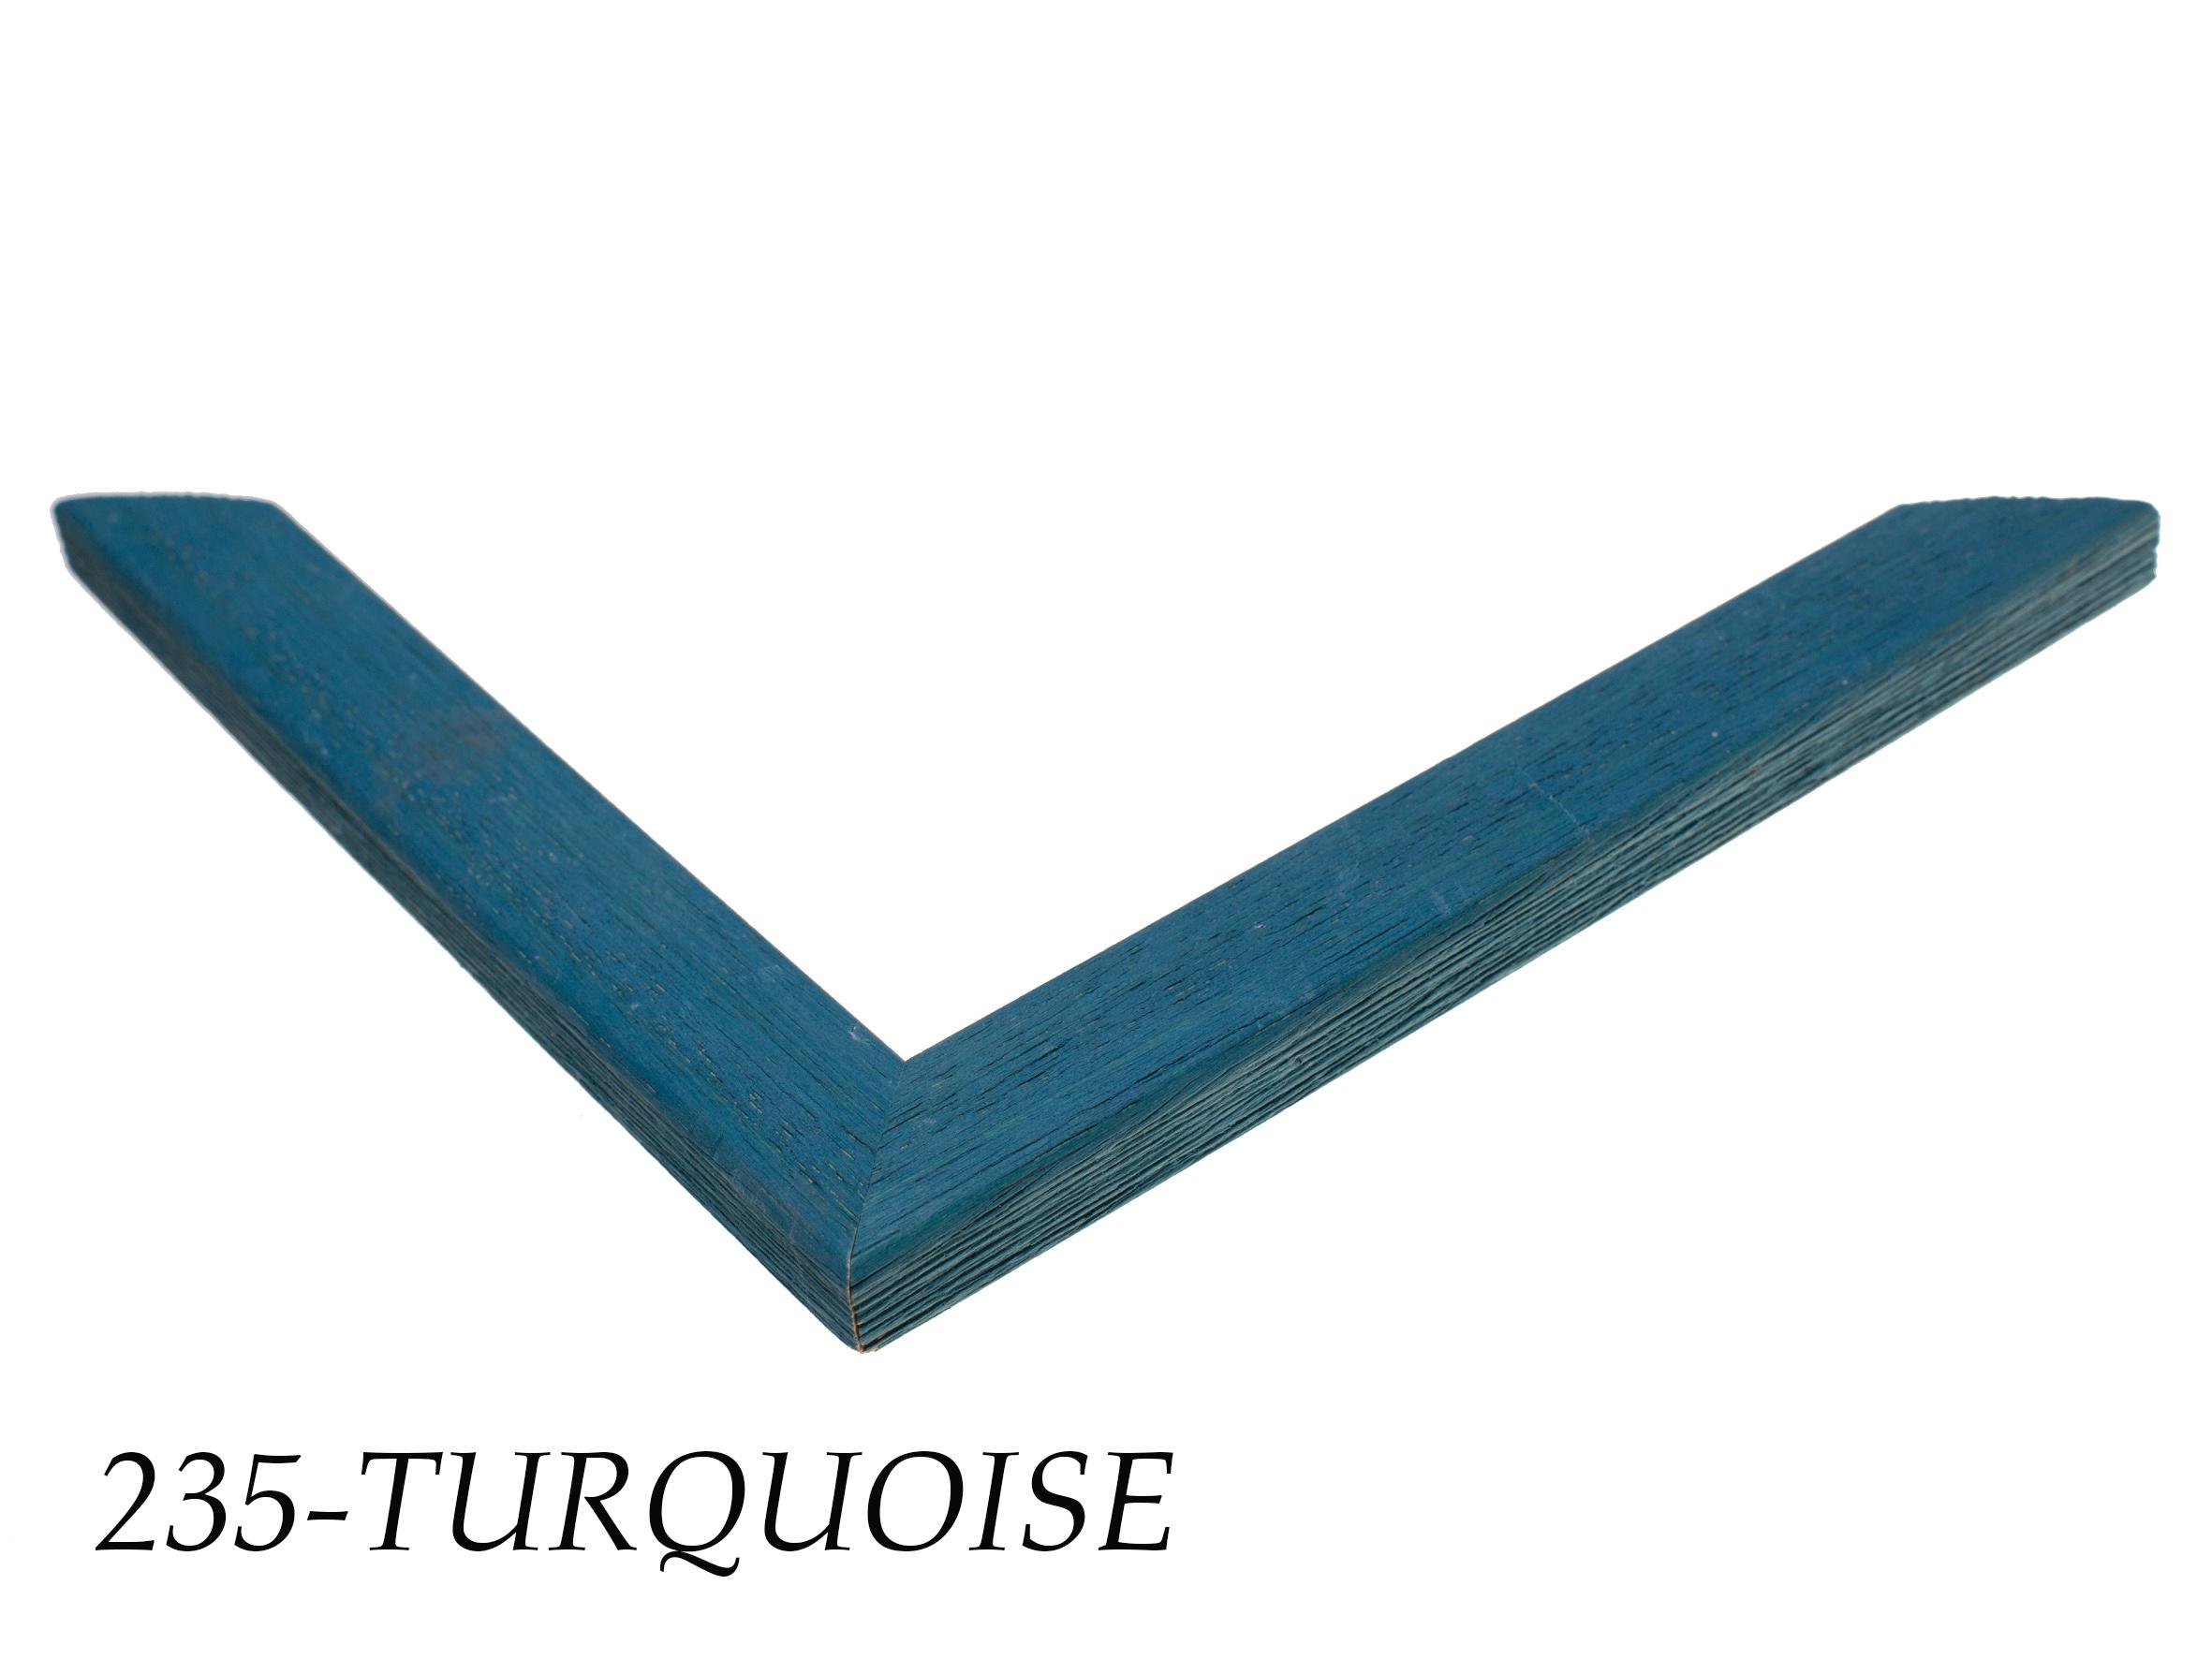 235-TURQUOISE